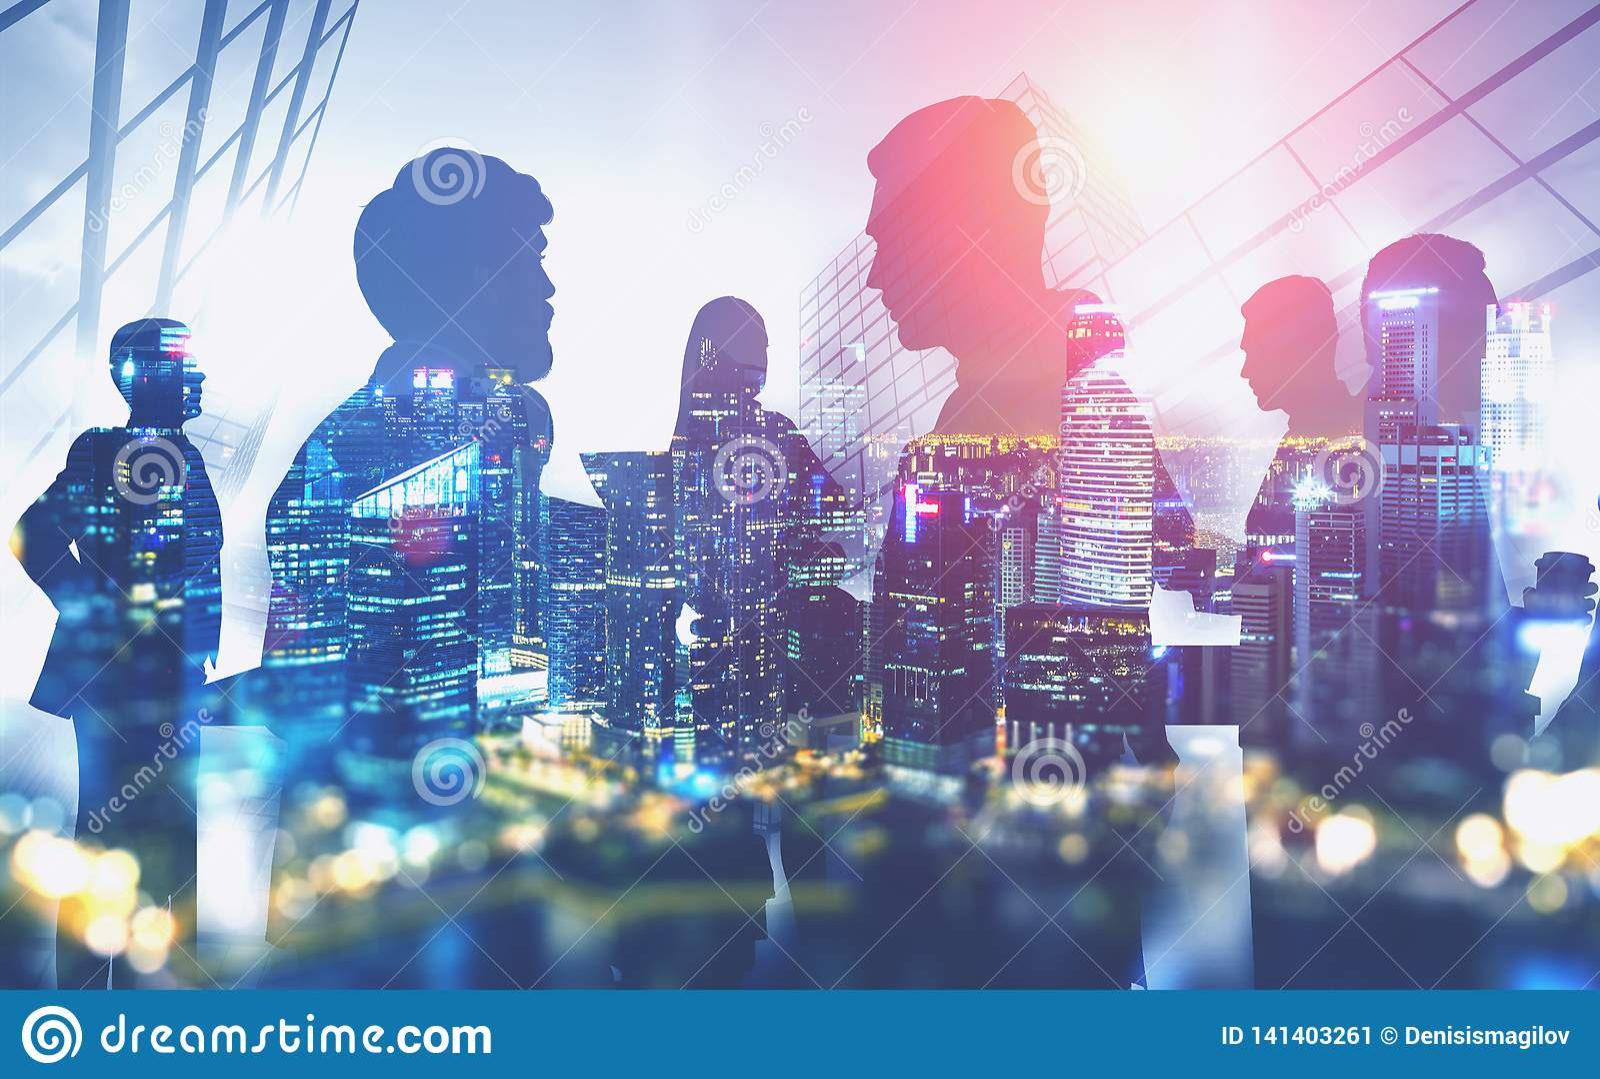 Siluetas de hombres de negocios en ciudad de la noche